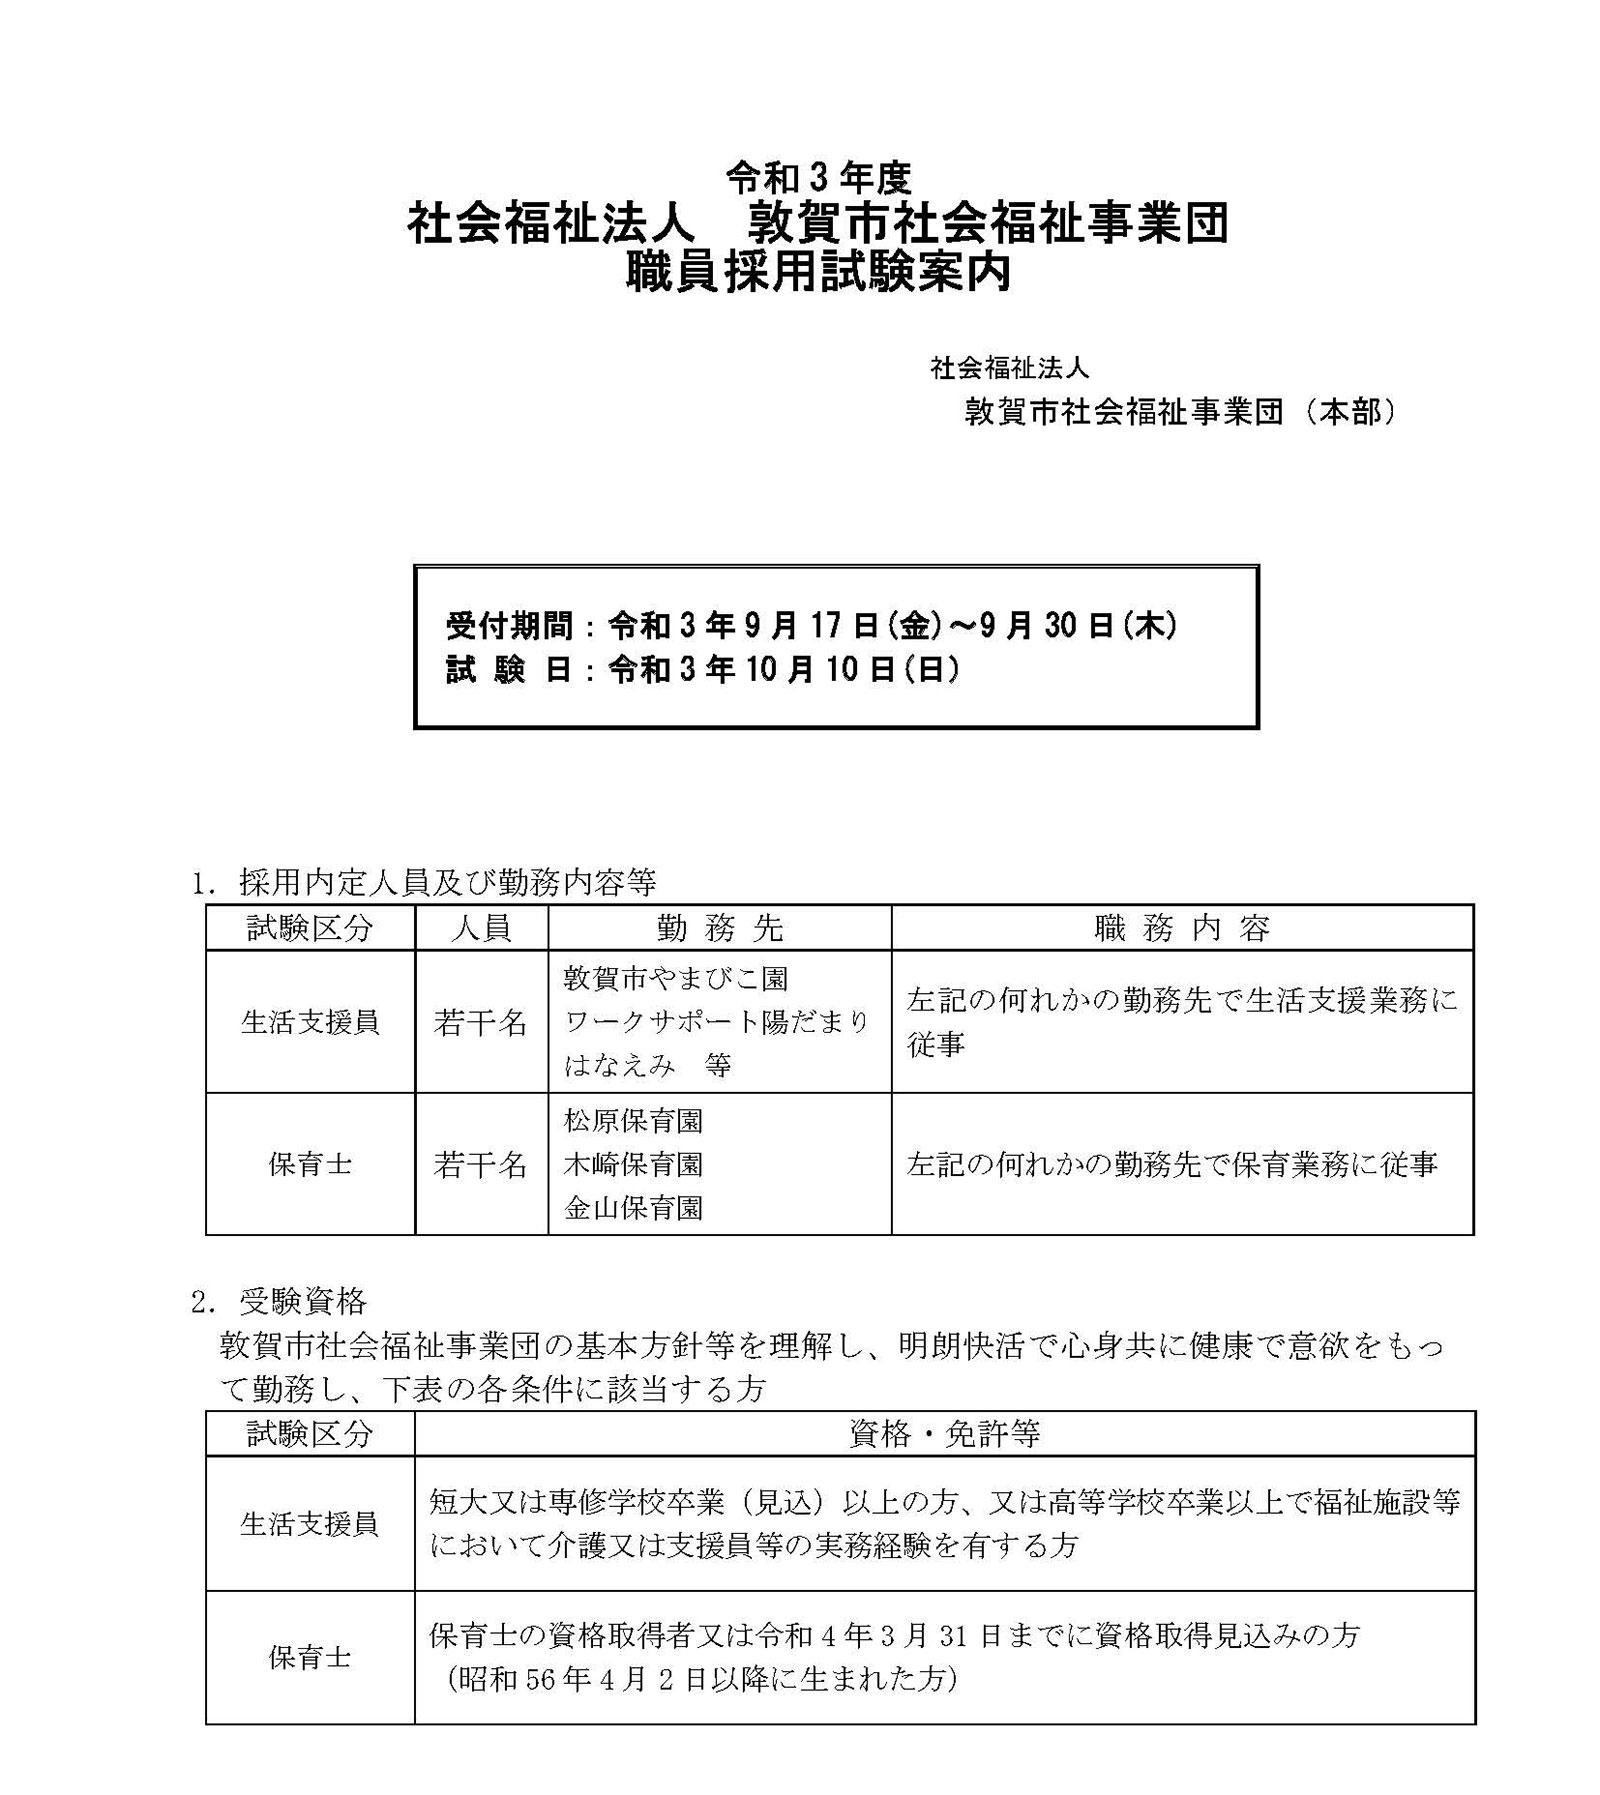 令和3年度職員採用試験案内(追加募集)(生活支援員/保育士)